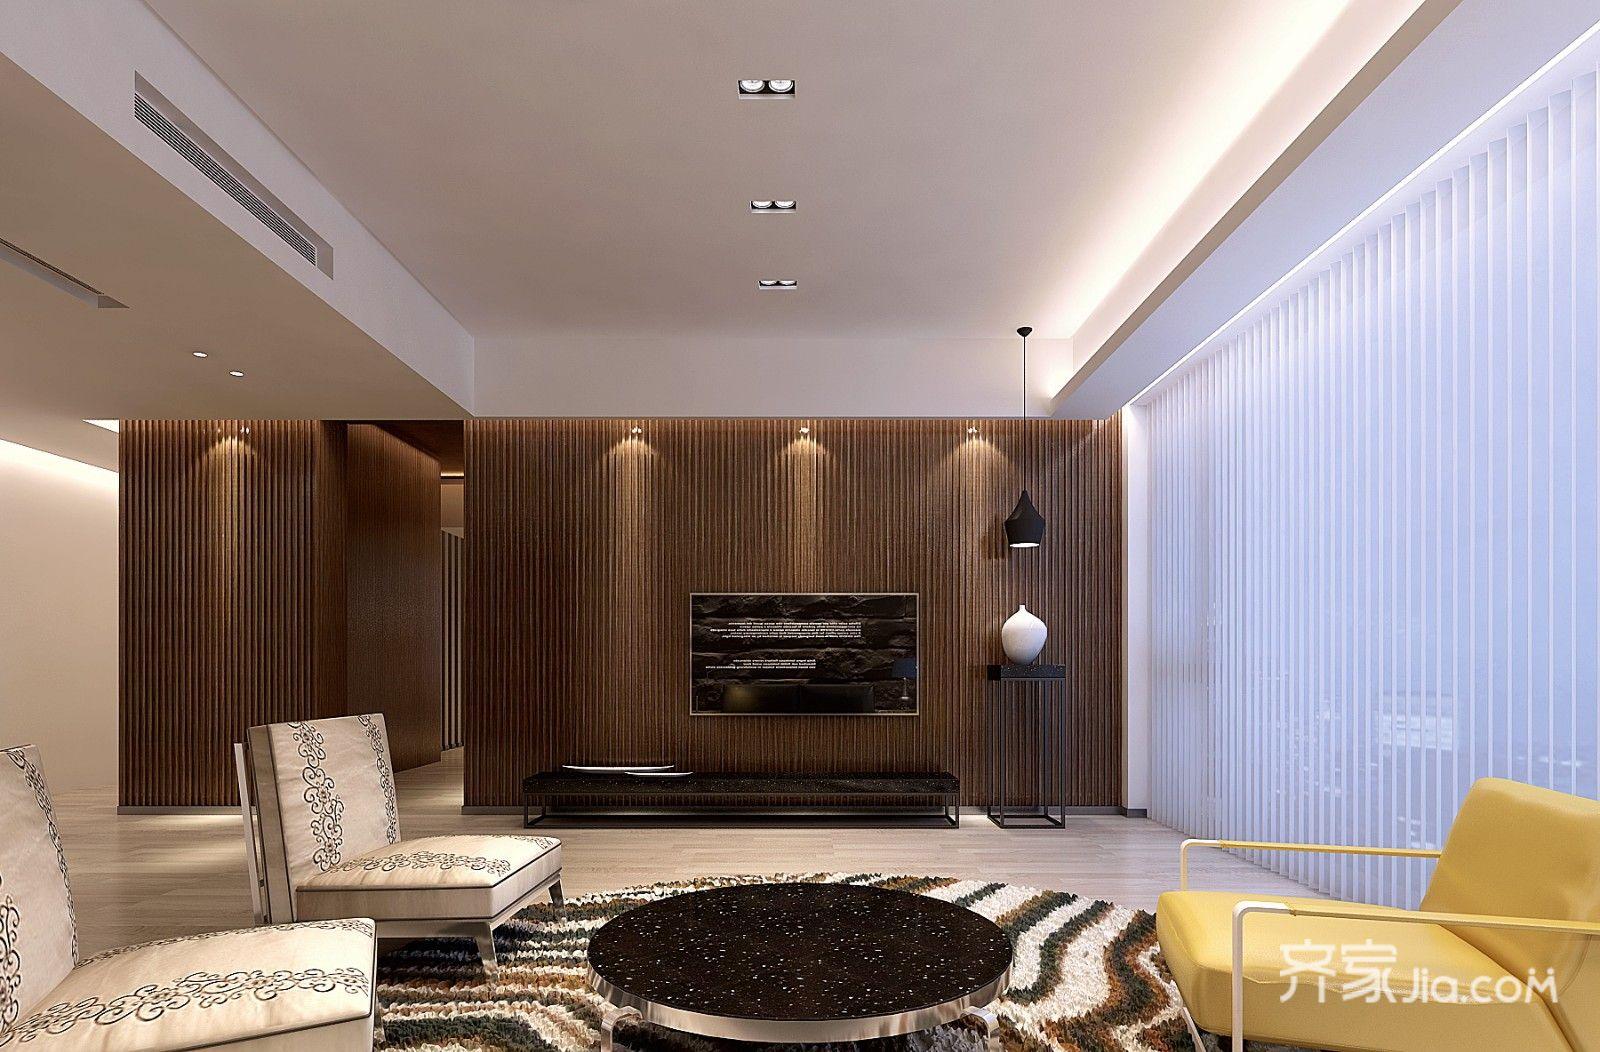 210平米简约四房电视背景墙装修效果图